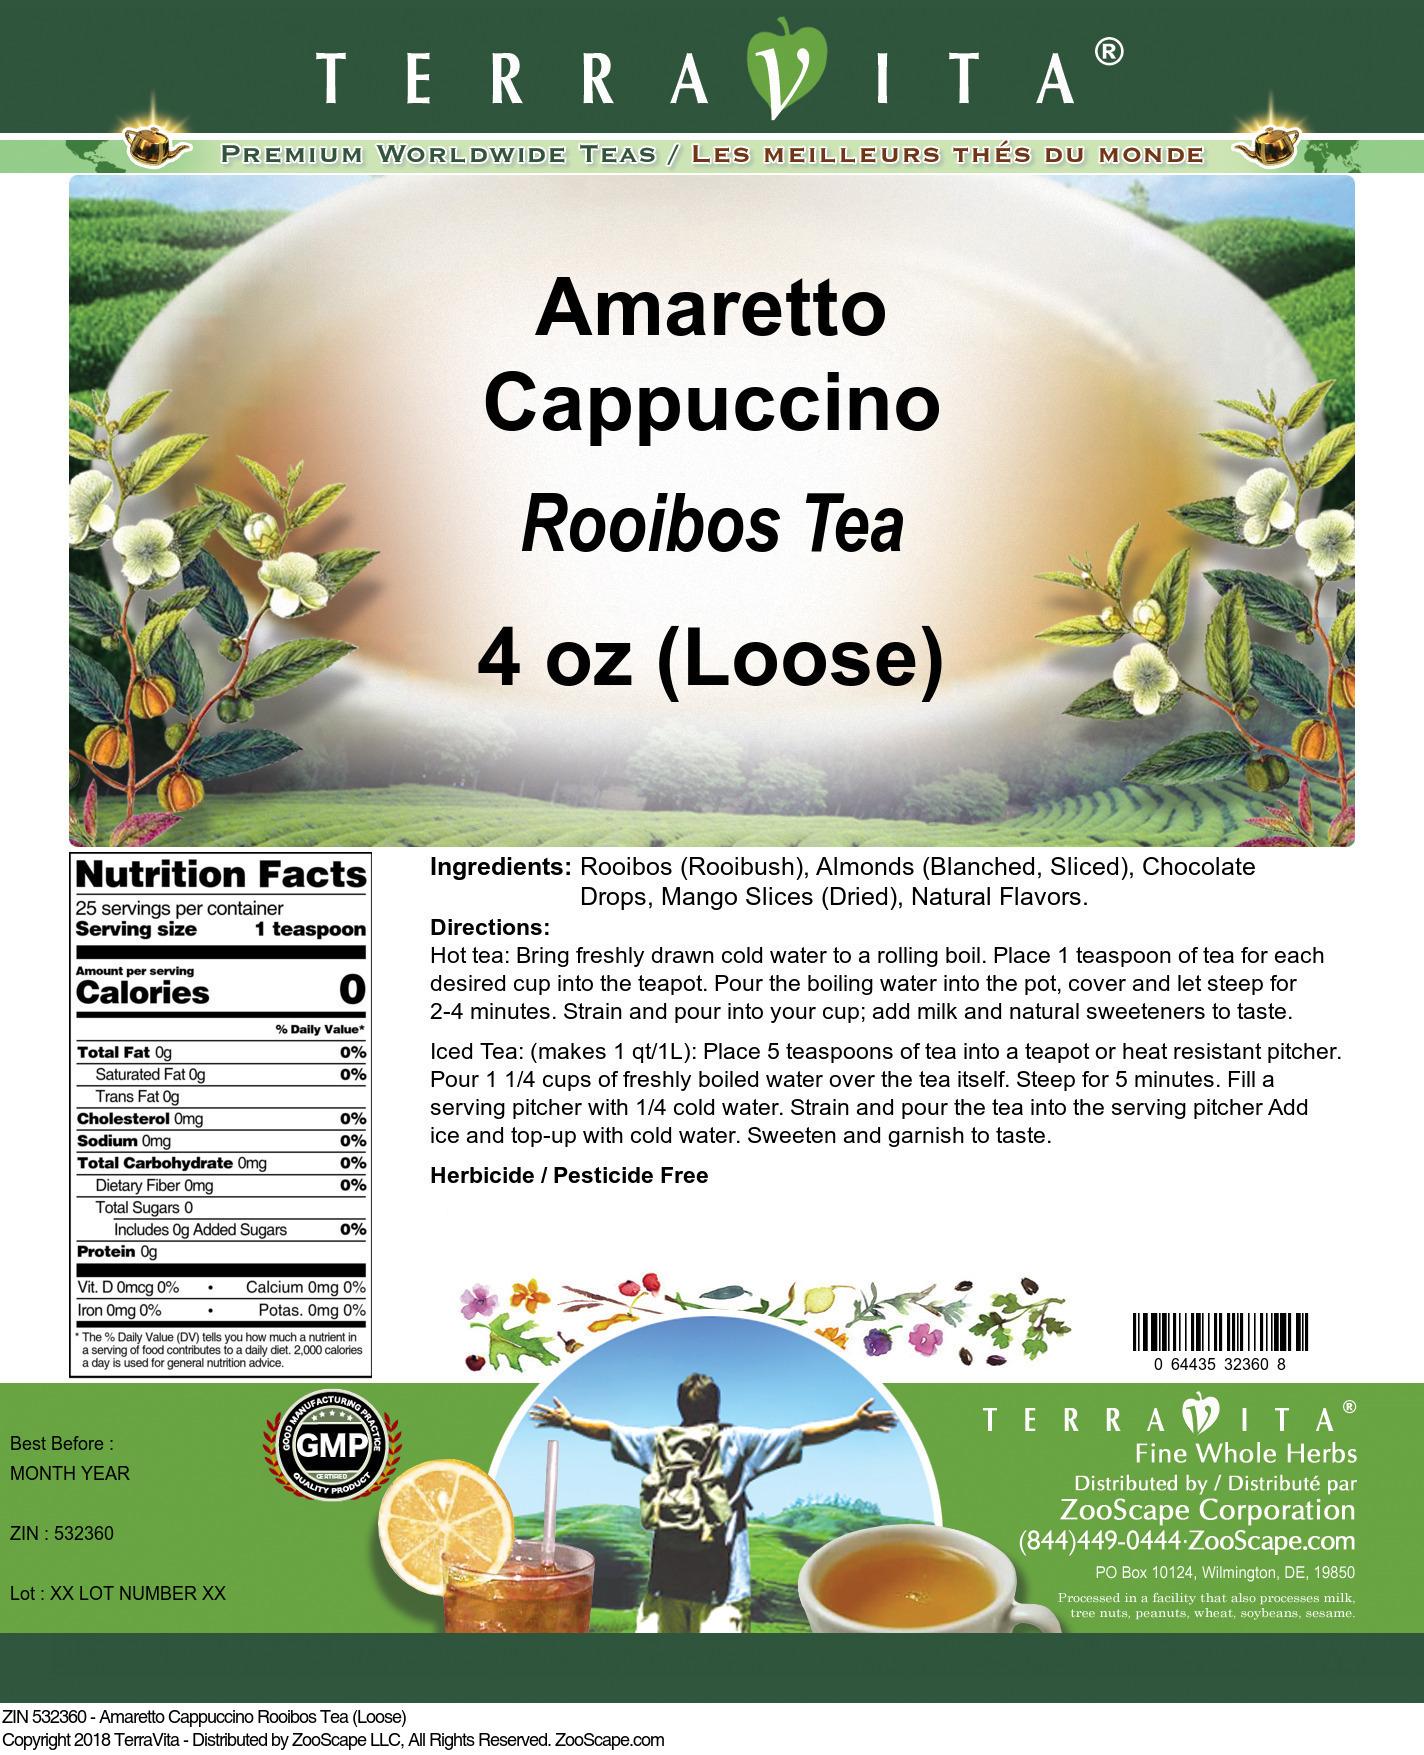 Amaretto Cappuccino Rooibos Tea (Loose)